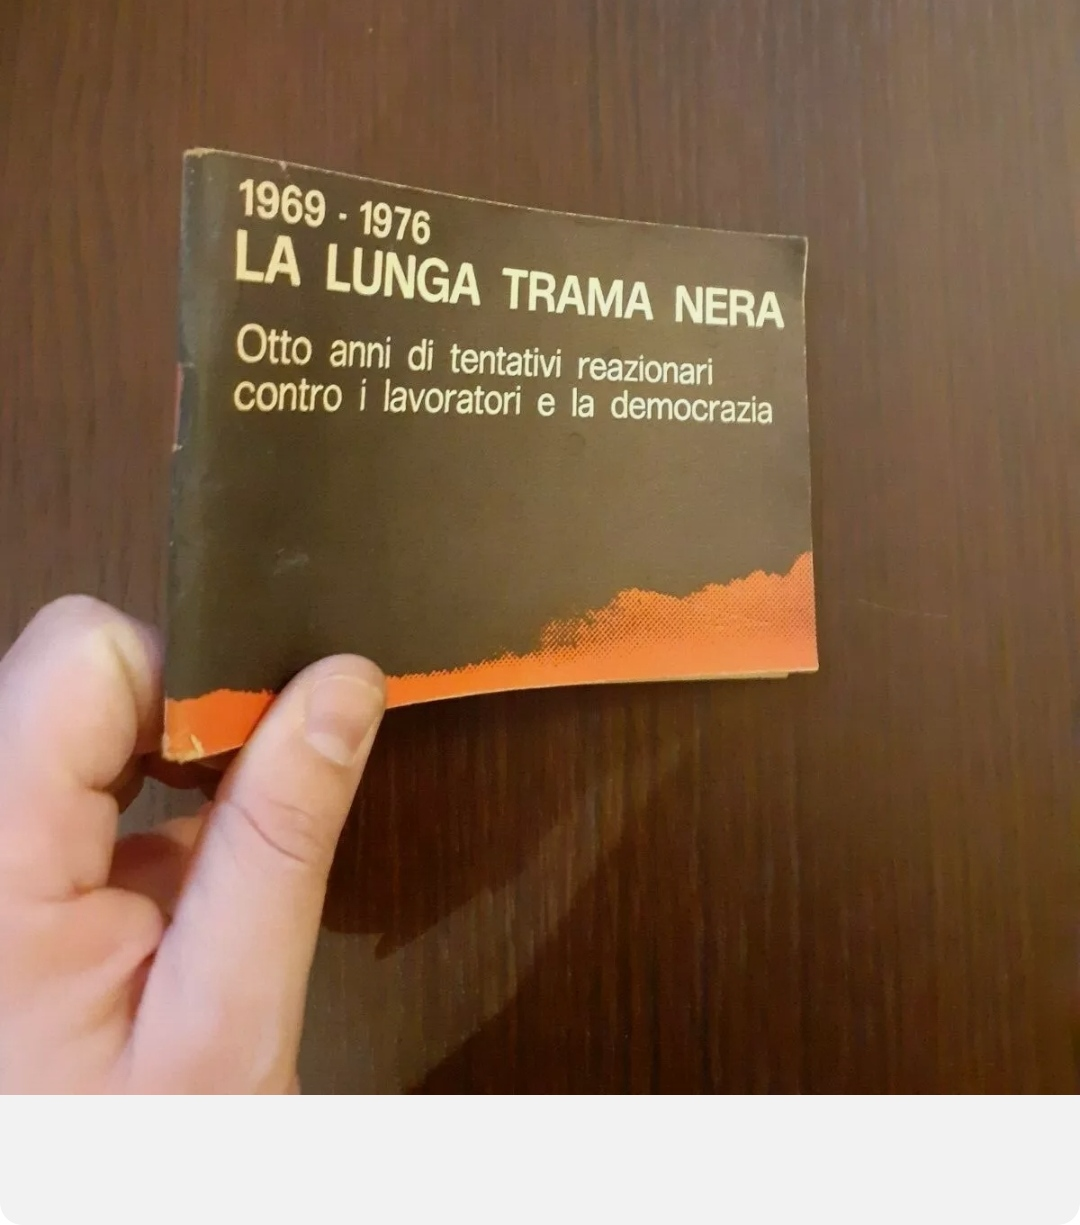 LA LUNGA TRAMA NERA 1969-1976. OTTO ANNI DI TENTATIVI REAZIONARI CONTRO I LAVORATORI. RARO.